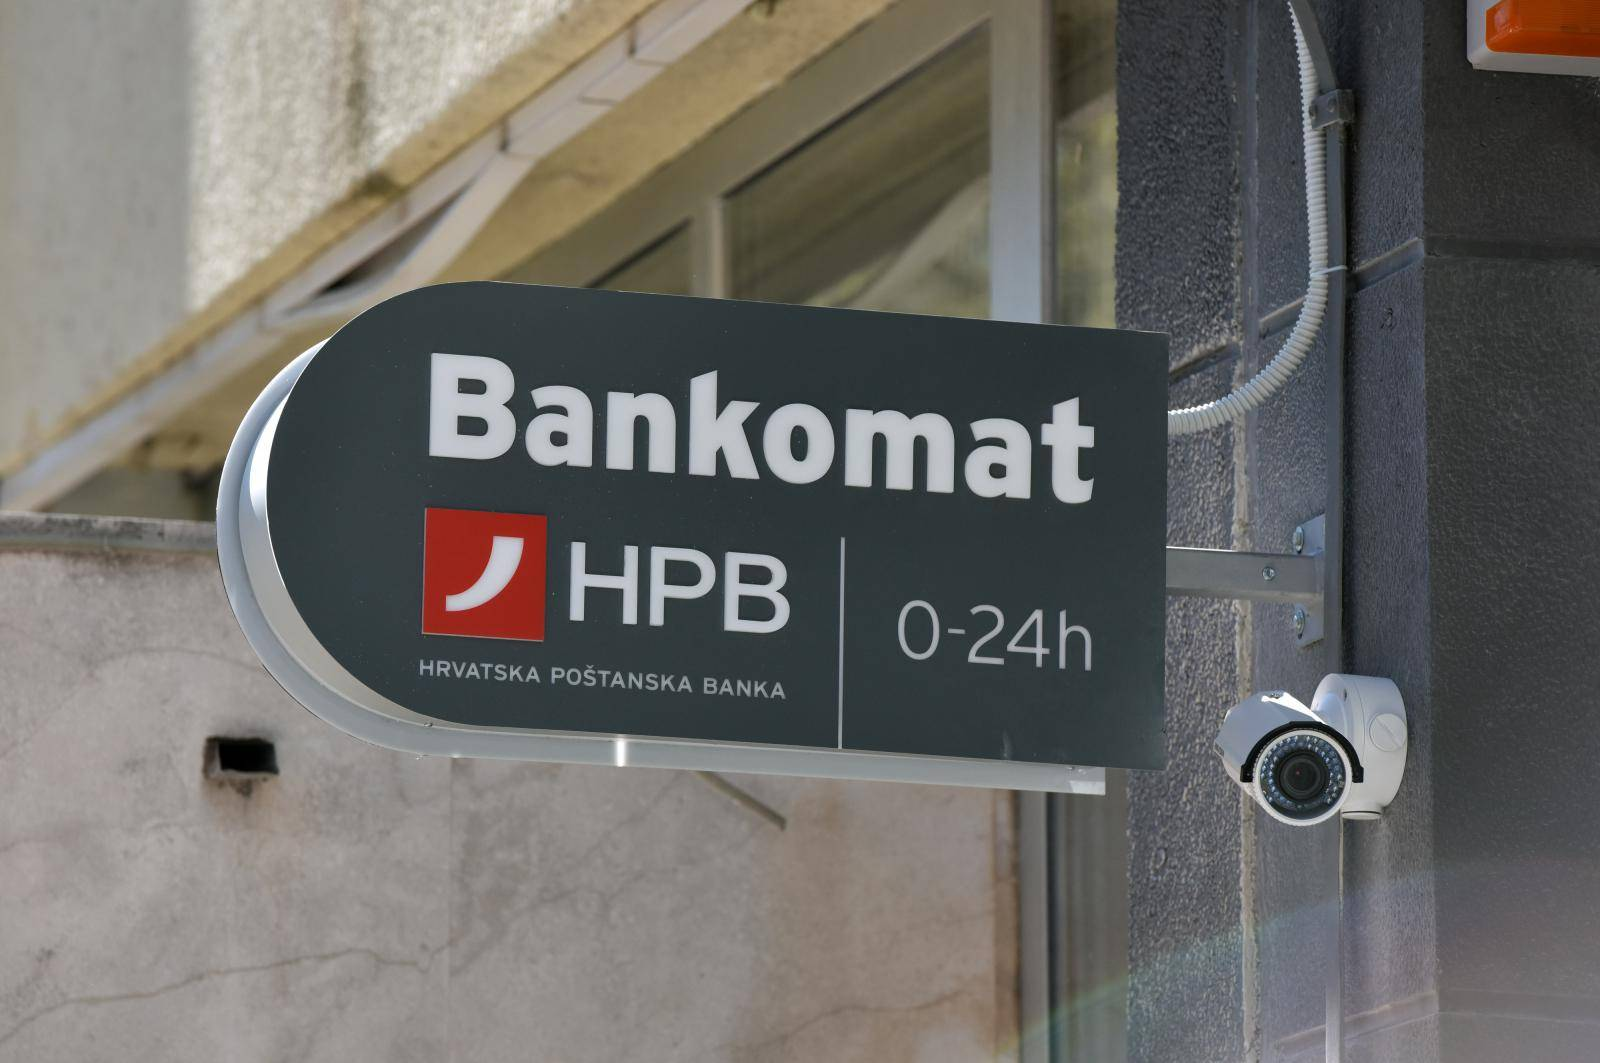 Od 1. travnja Jadransku banku preuzima Hrvatska poštanska banka